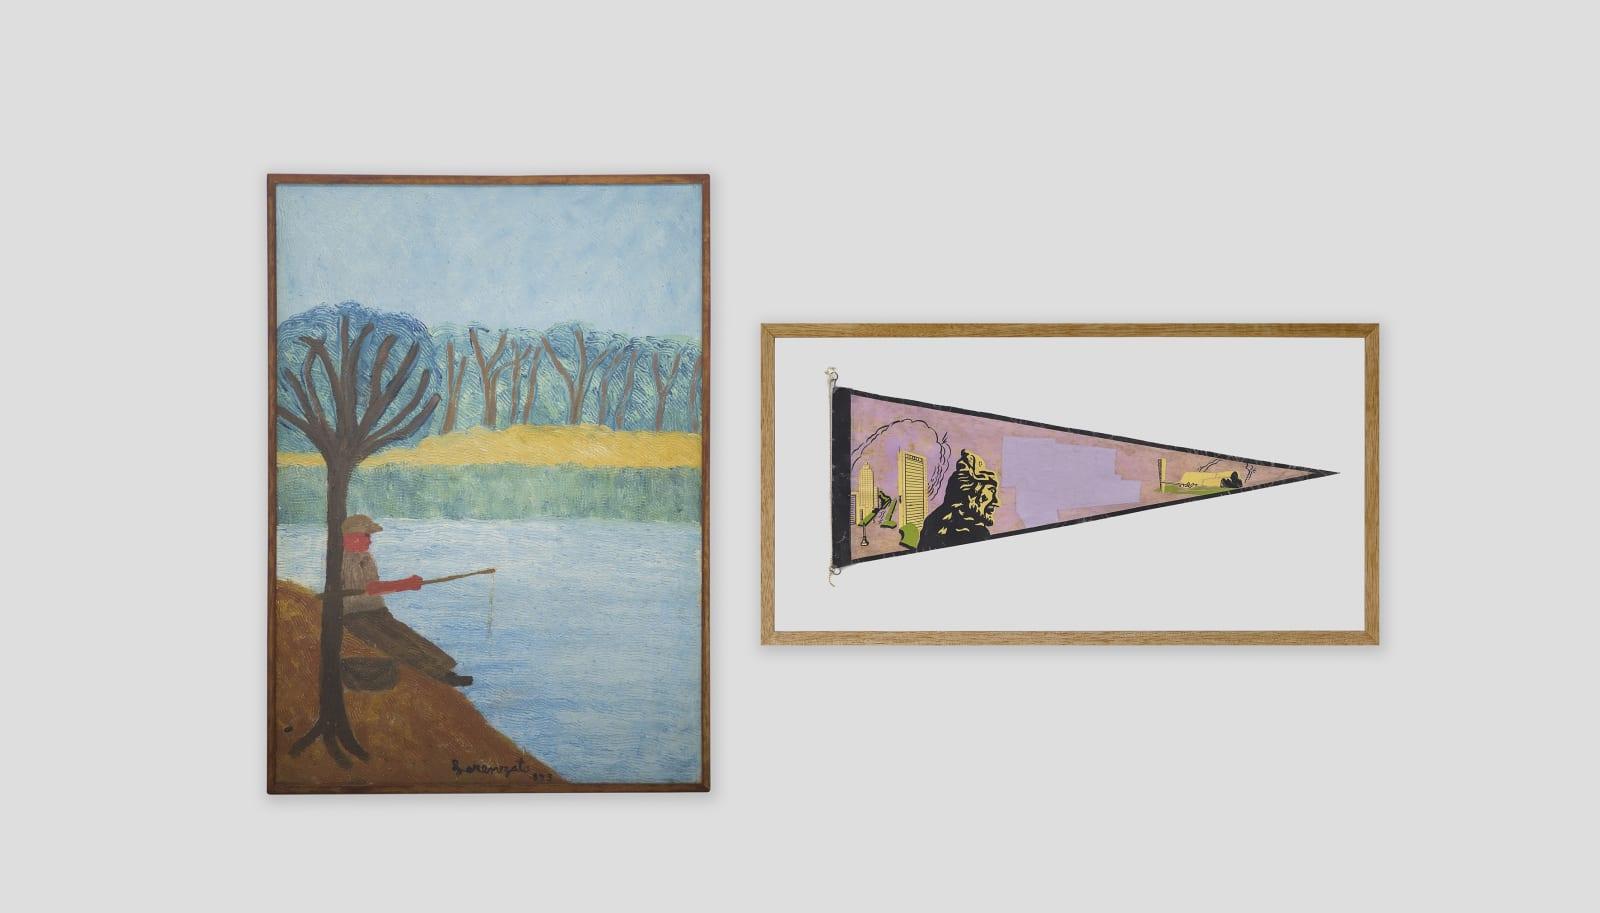 LORENZATO Pescador, 1983 Óleo sobre tela e madeira 61,5 x 44 cm BRUNO FARIA Lembranças de Paisagem I Belo Horizonte, 2020 Pintura e serigrafia sobre tecido 32 x 61,5 cm